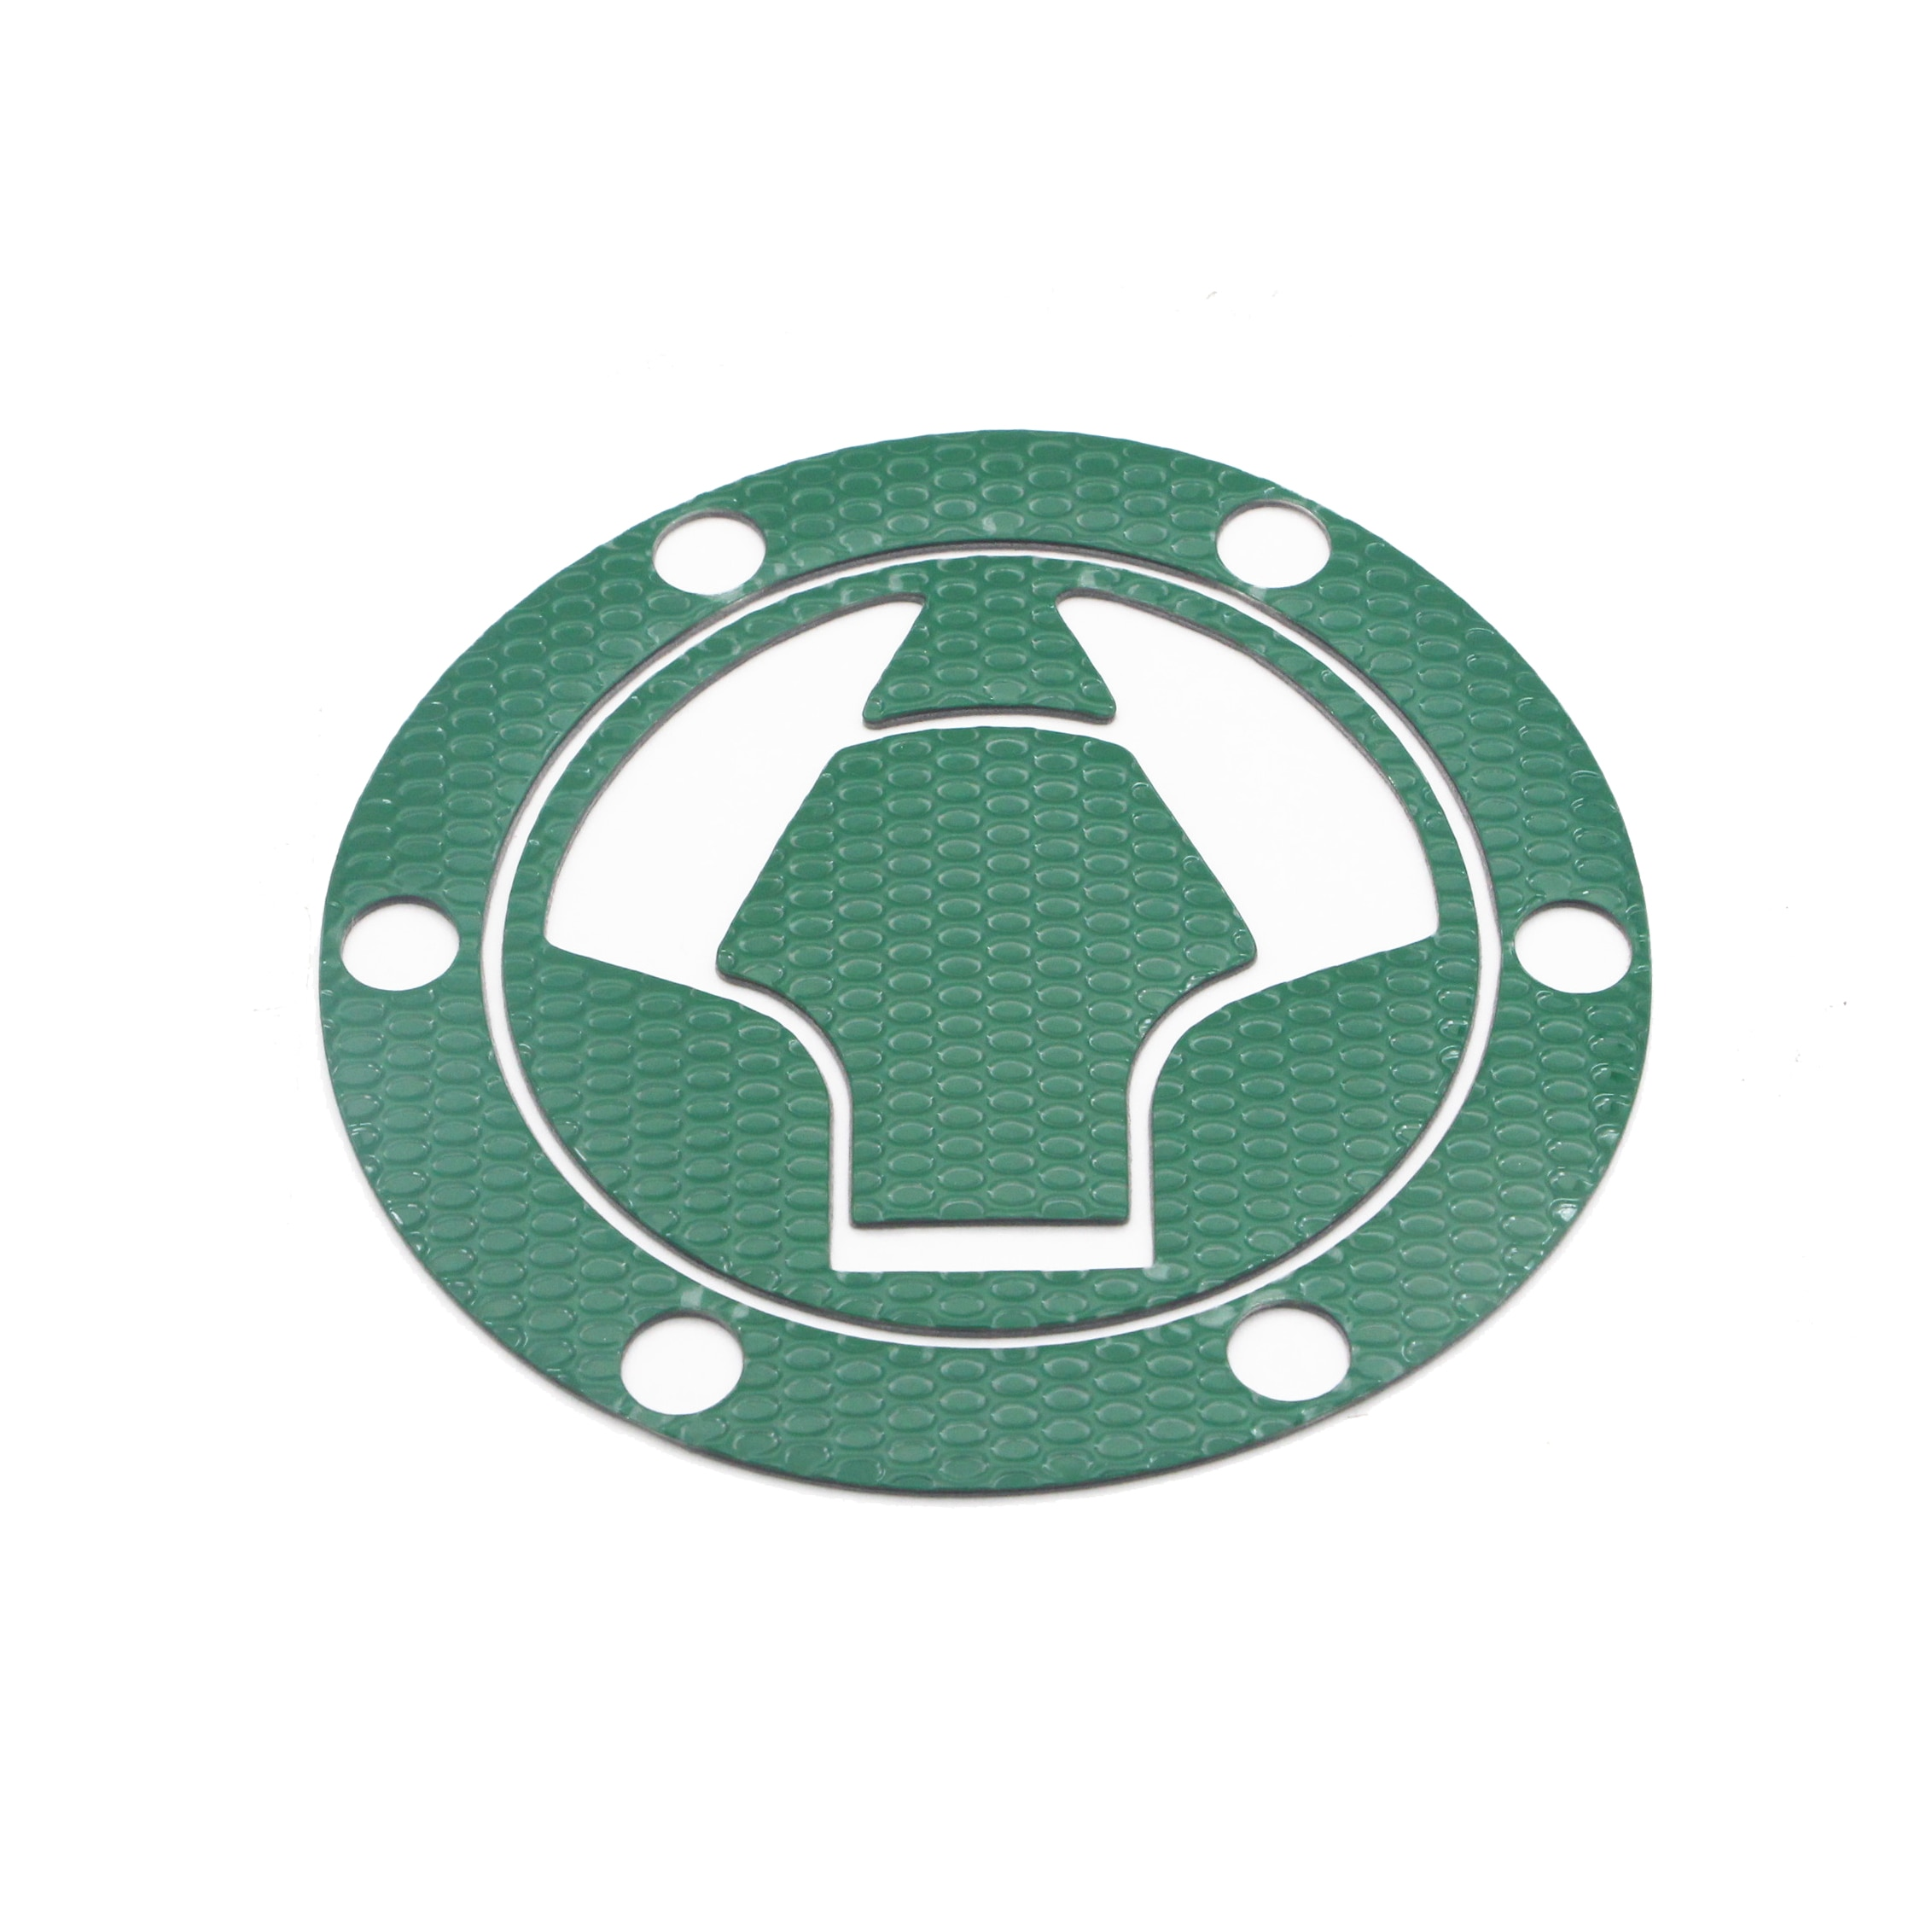 Tapa de tanque de combustible para motocicleta, pegatinas de almohadilla, Protector Universal para Kawasaki Ninja ZX250R ZX300R EX250 VN1500